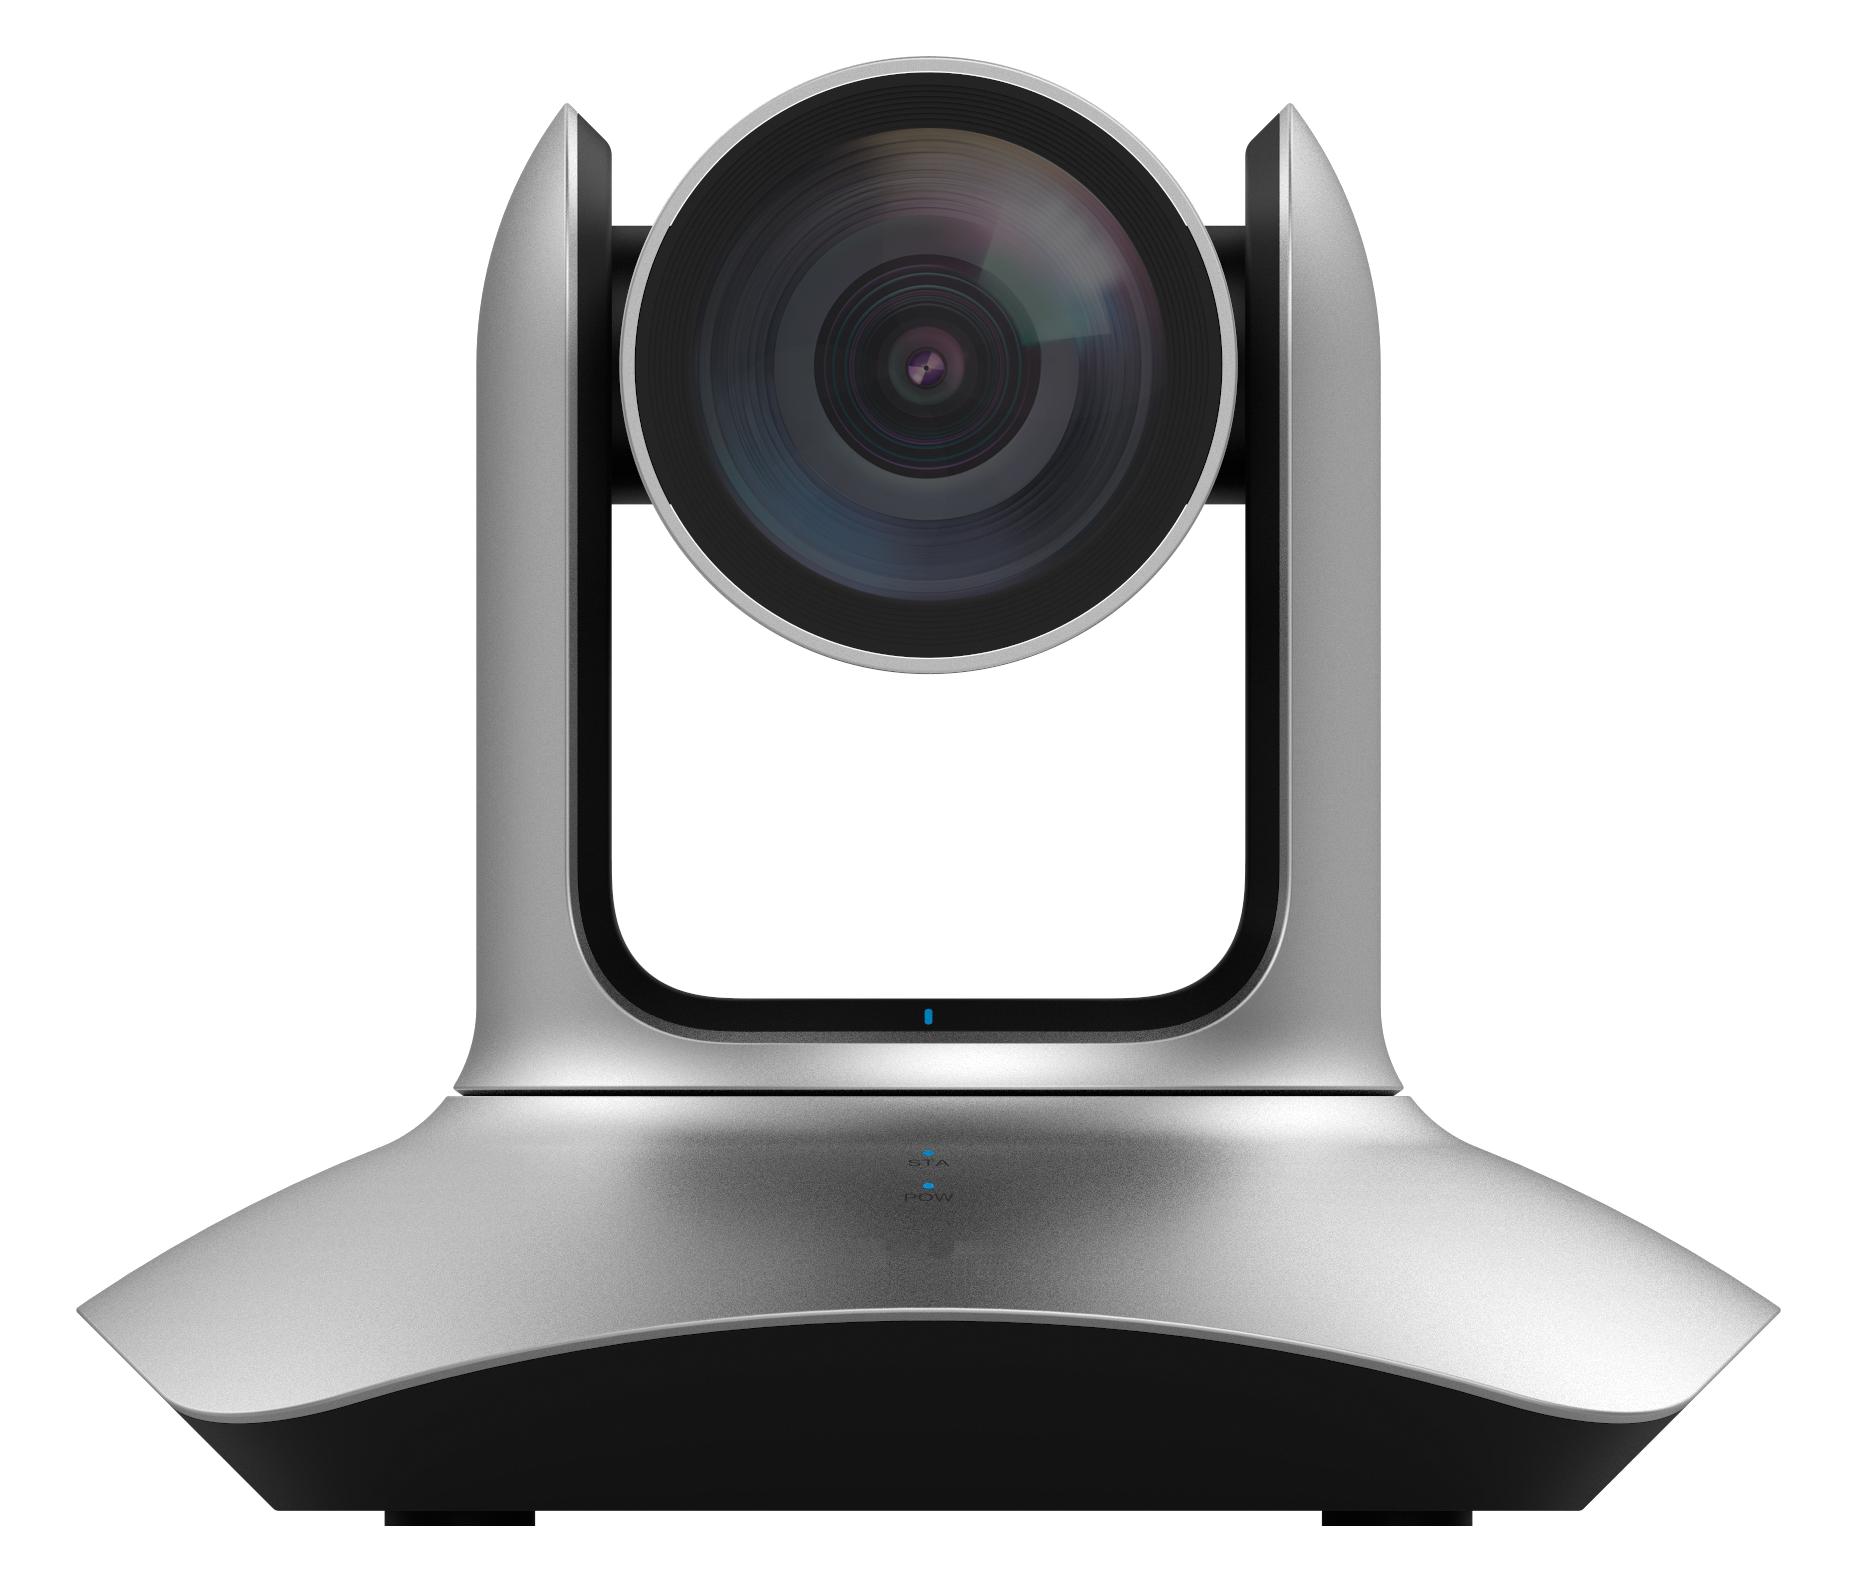 金微視-1080P高清12倍變焦USB+HDM廣角會議攝像機 1